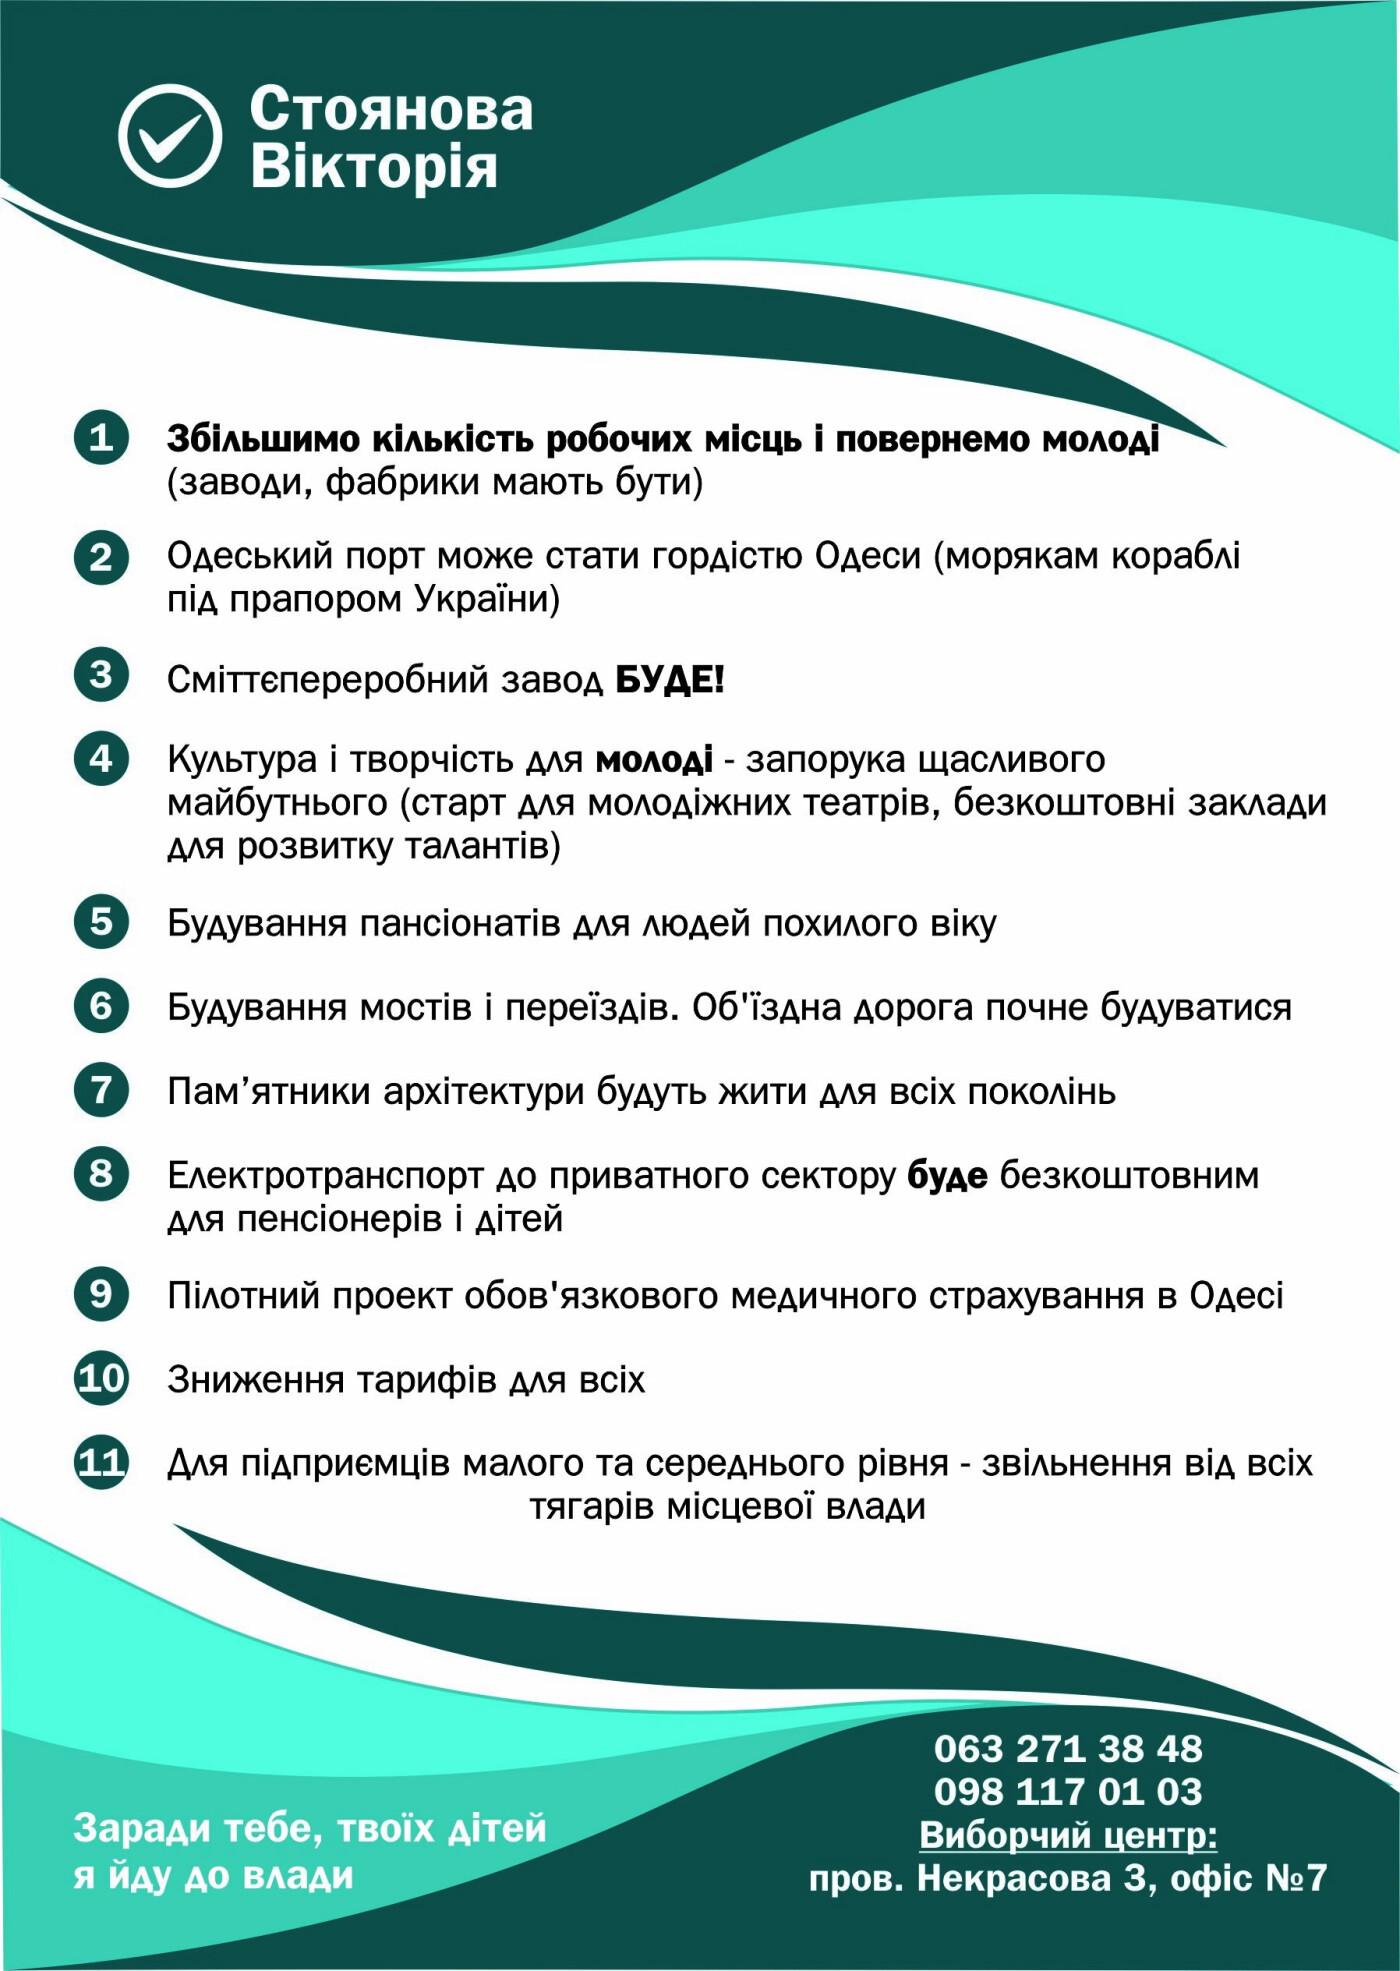 Кандидат на пост мэра Одессы Стоянова Виктория - у Одессы появилась надежда!, фото-2